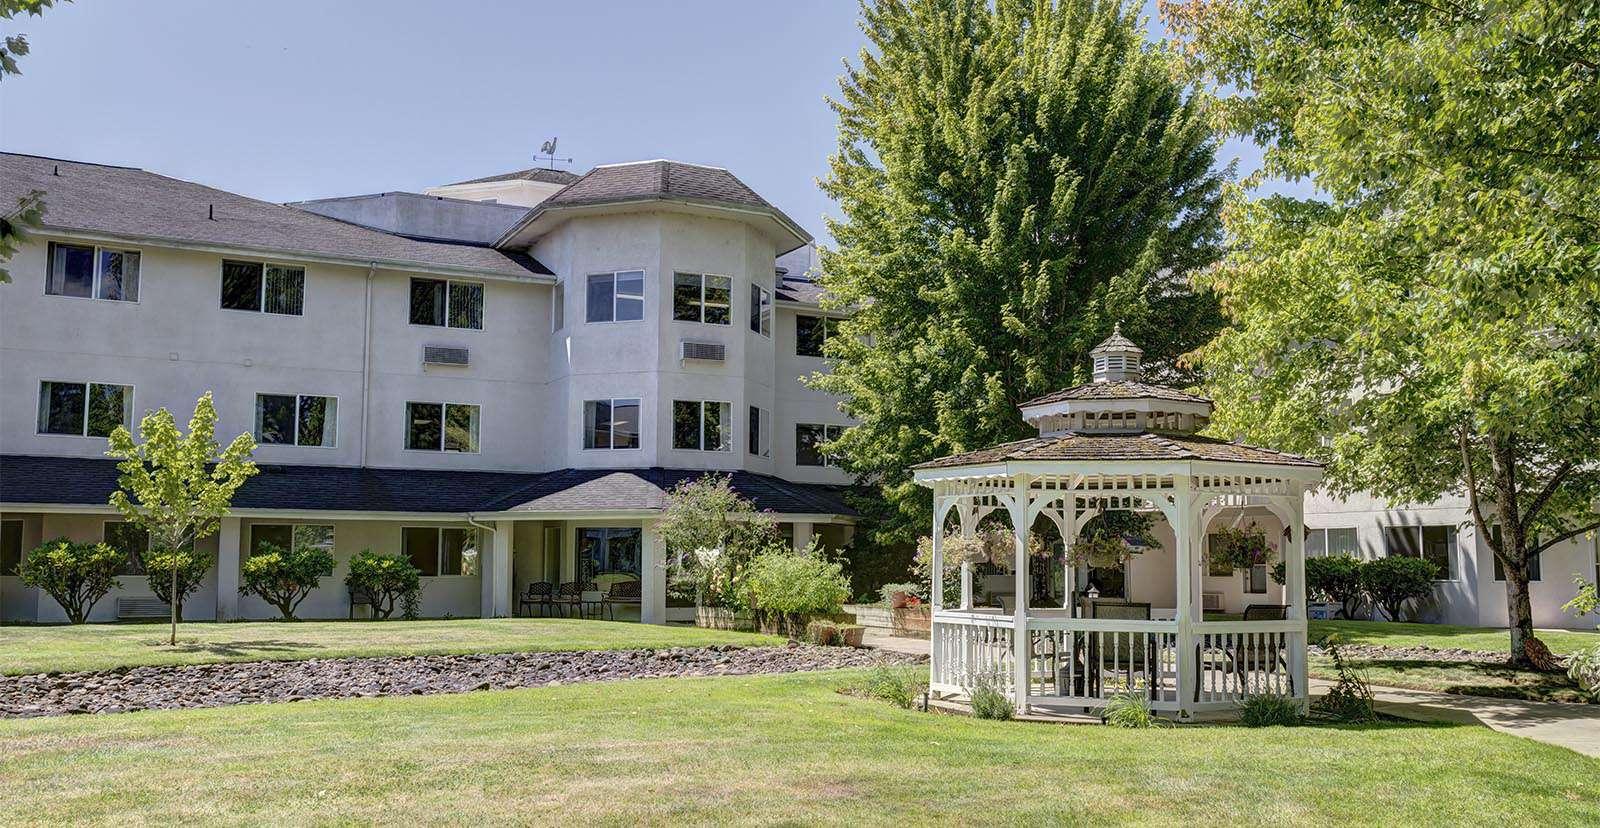 Sheldon Oaks - Eugene, OR - seniorhomes.com